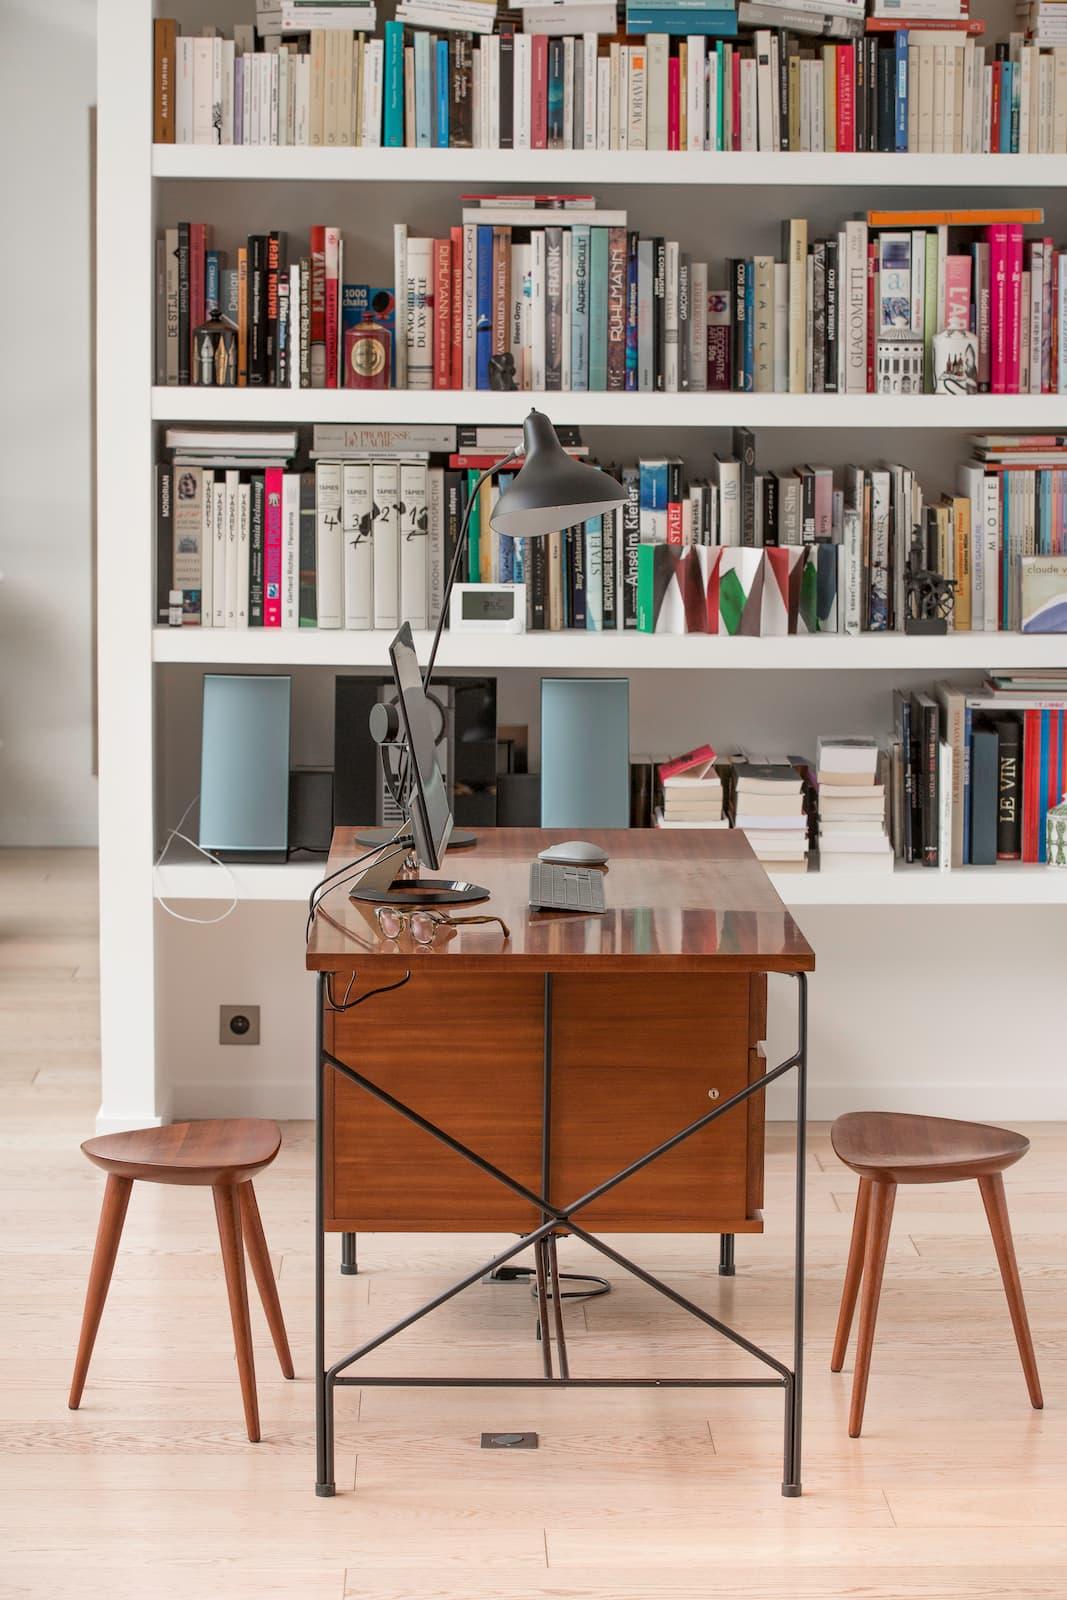 Mix and match de styles décoratifs imaginé par Emmanuelle Vidal dans un loft toulousain